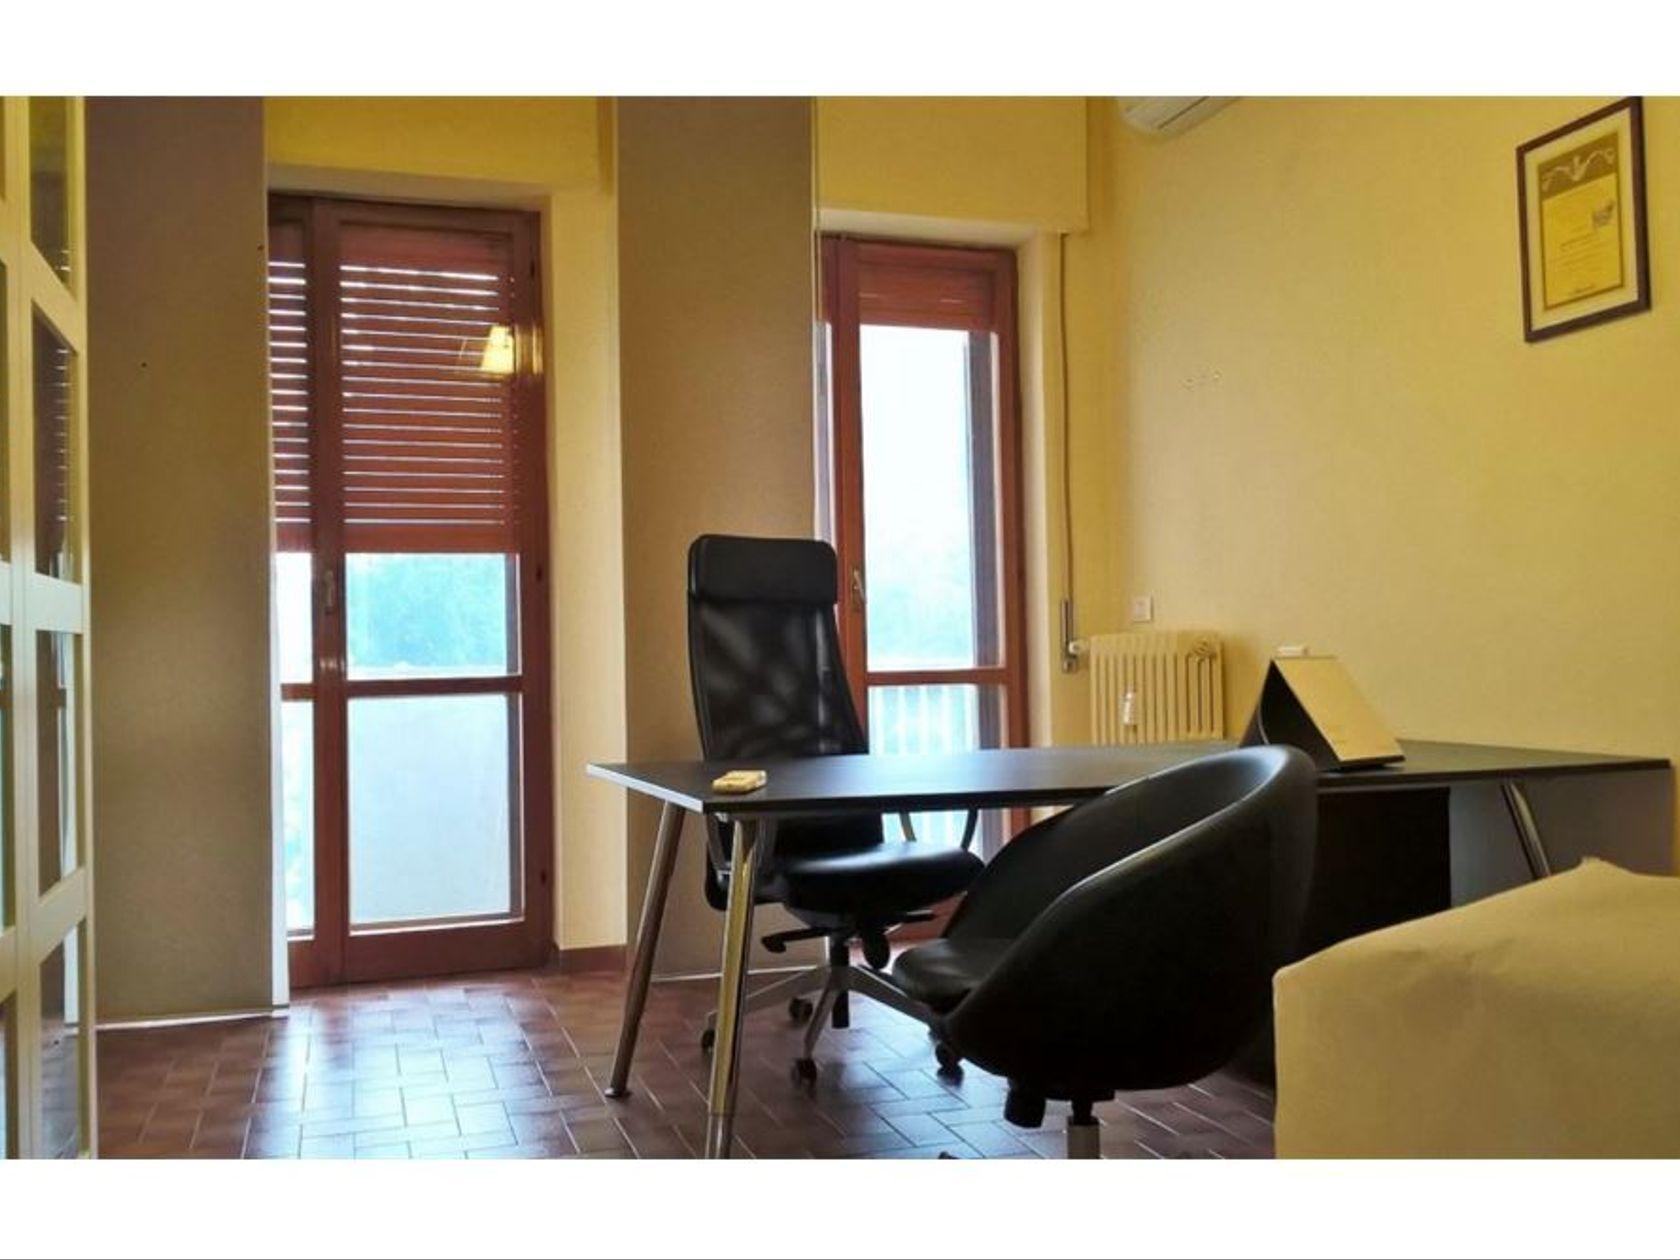 Appartamento Poggiofranco, Bari, BA Vendita - Foto 10